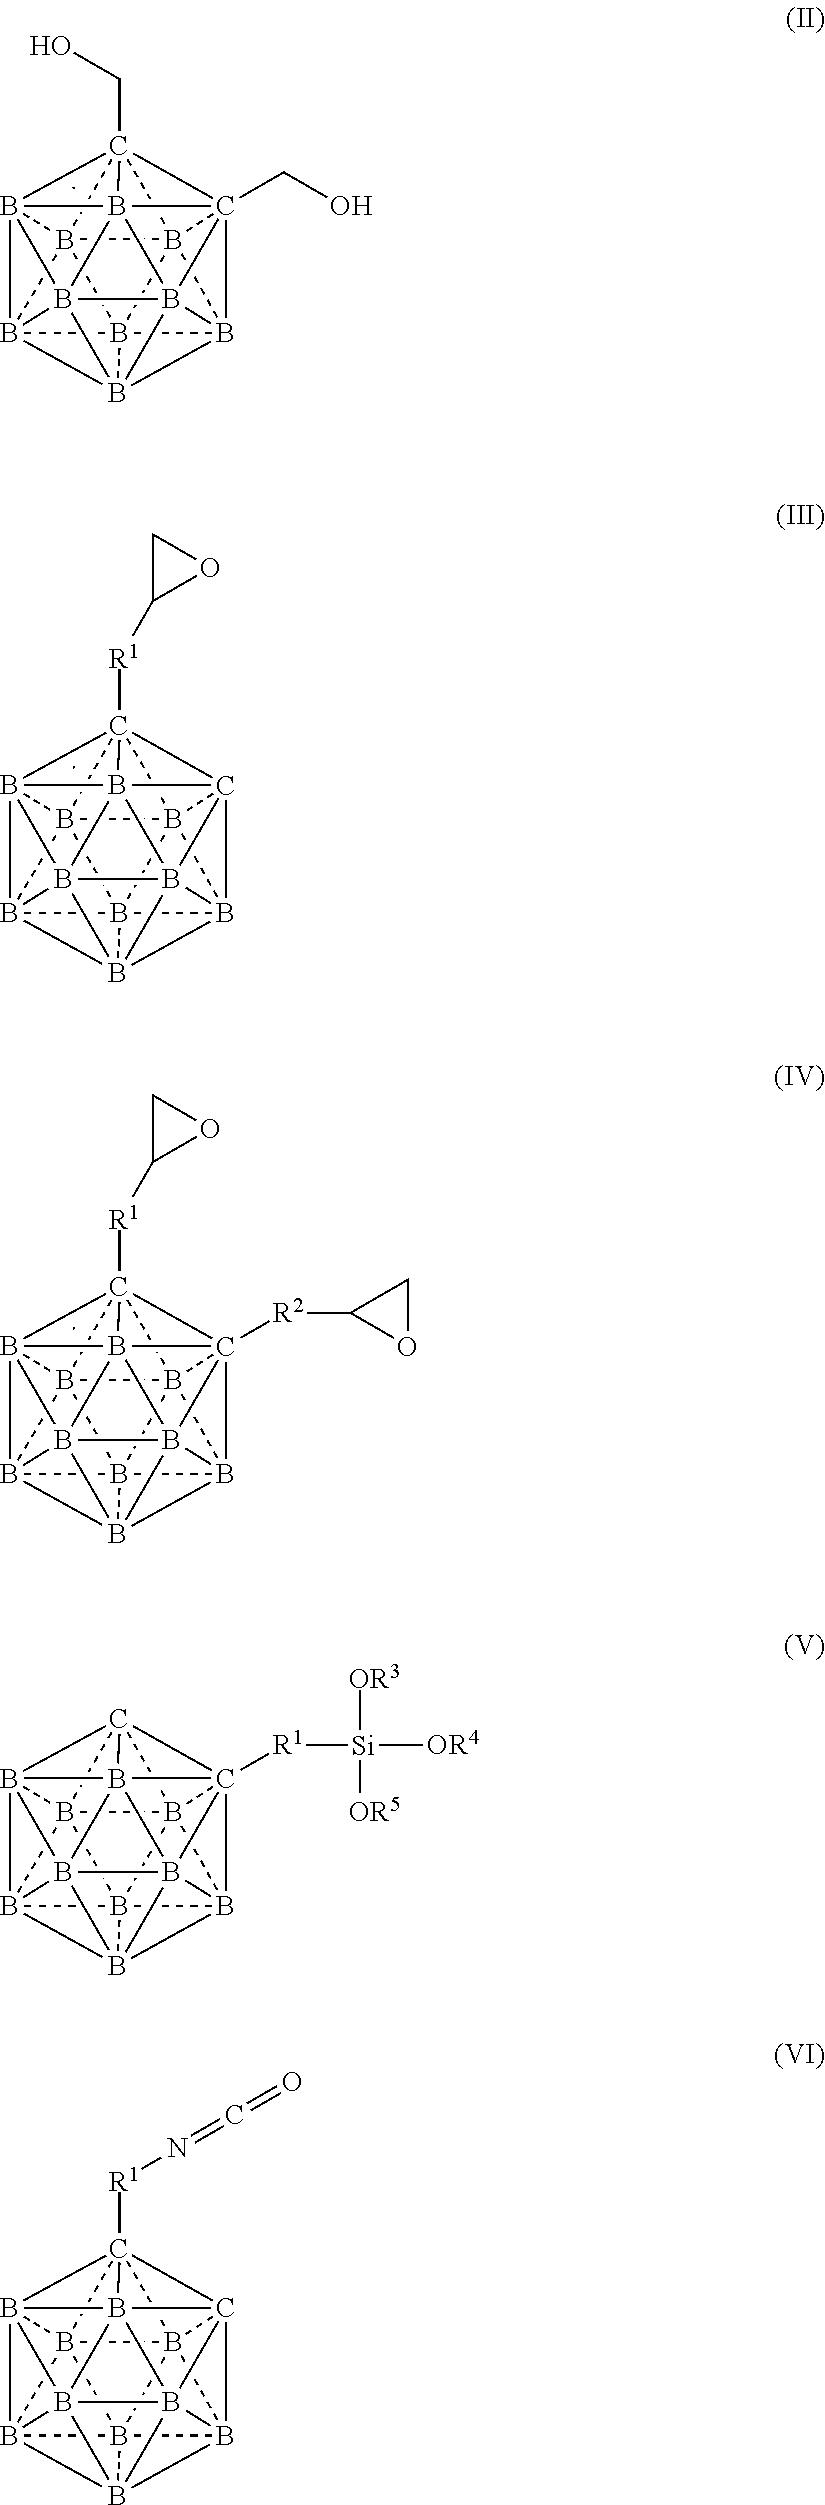 Figure US20110046253A1-20110224-C00012